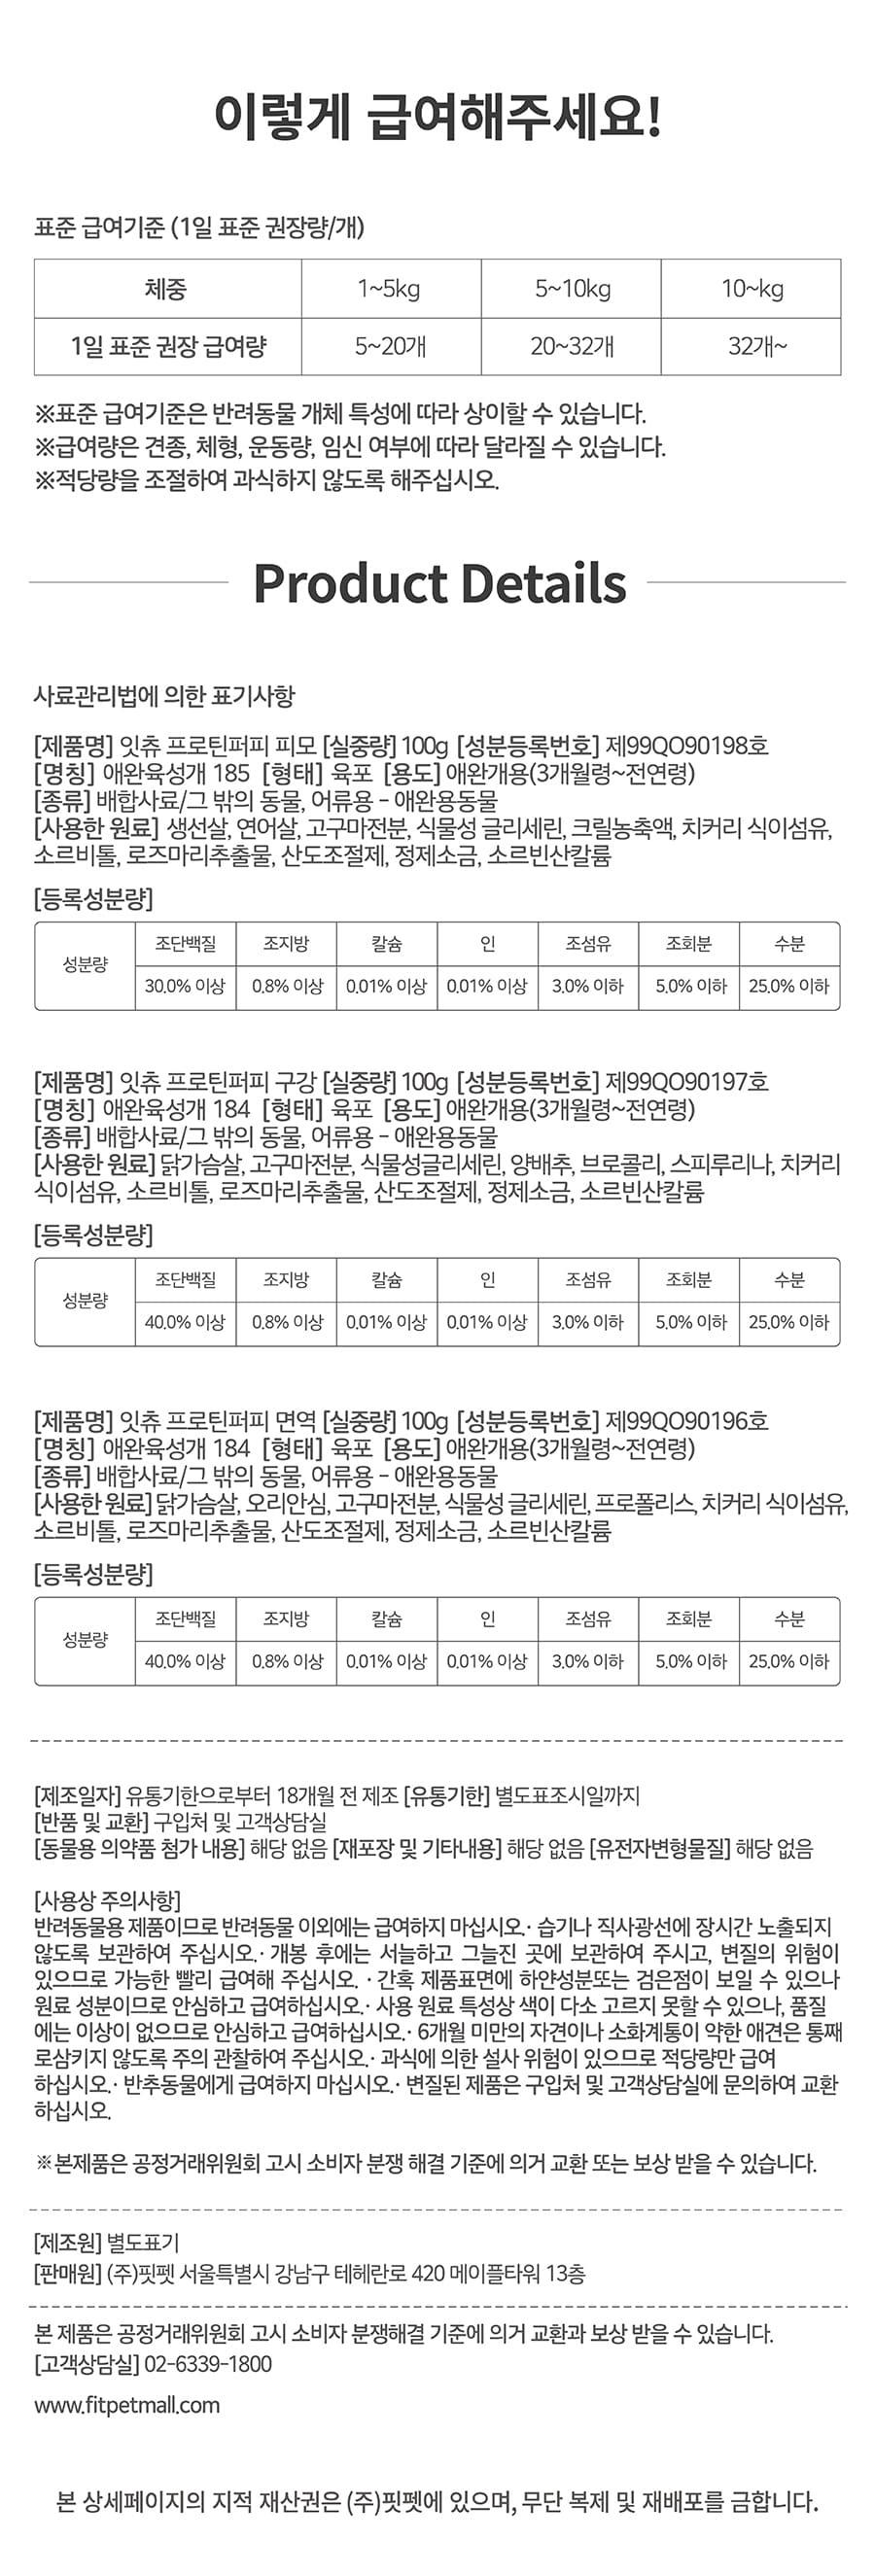 [EVENT] it 잇츄 프로틴 퍼피 면역-상품이미지-23